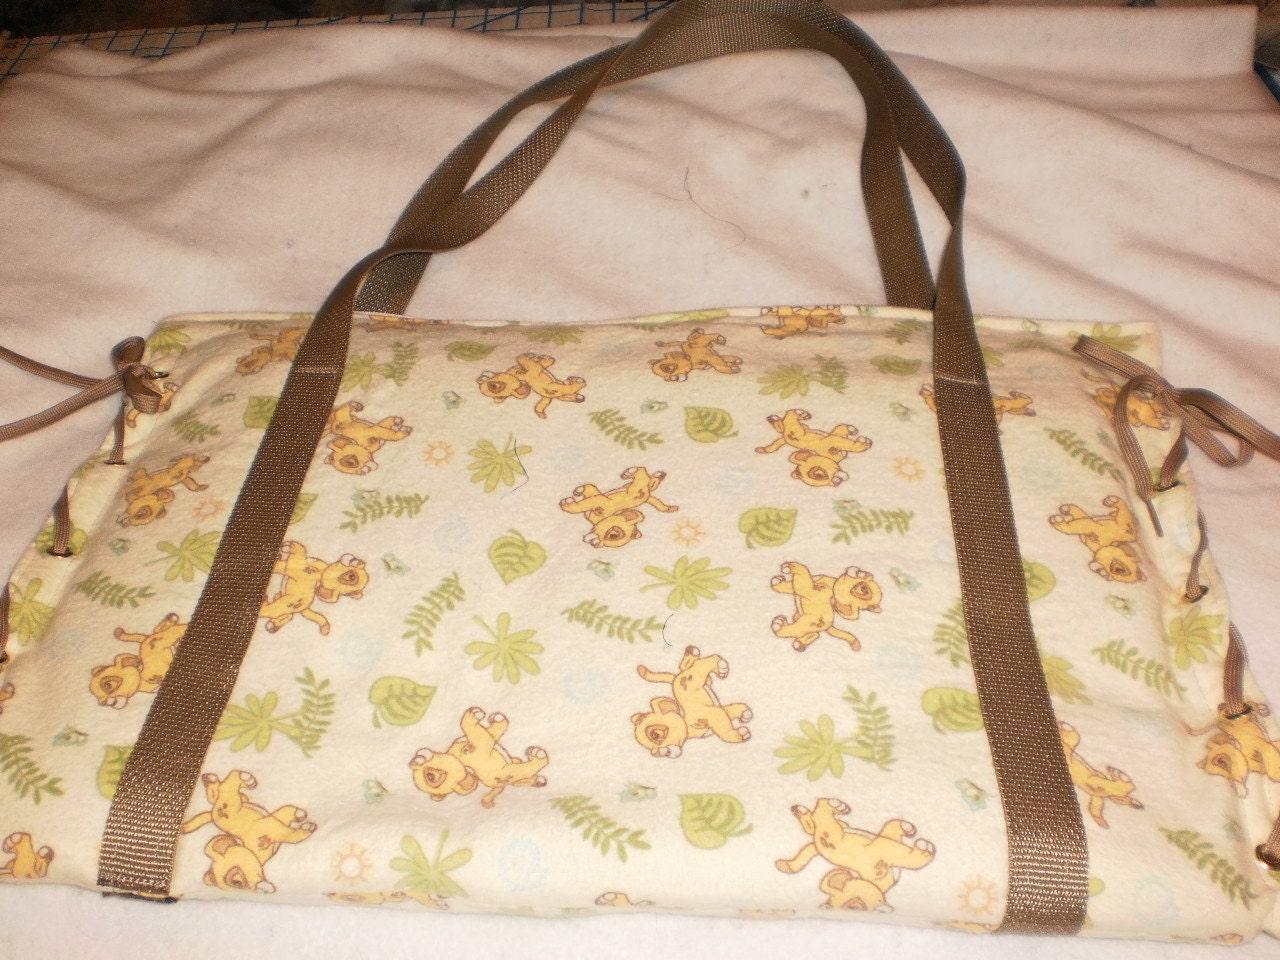 lion king diaper bag by bagsbyjune on etsy. Black Bedroom Furniture Sets. Home Design Ideas